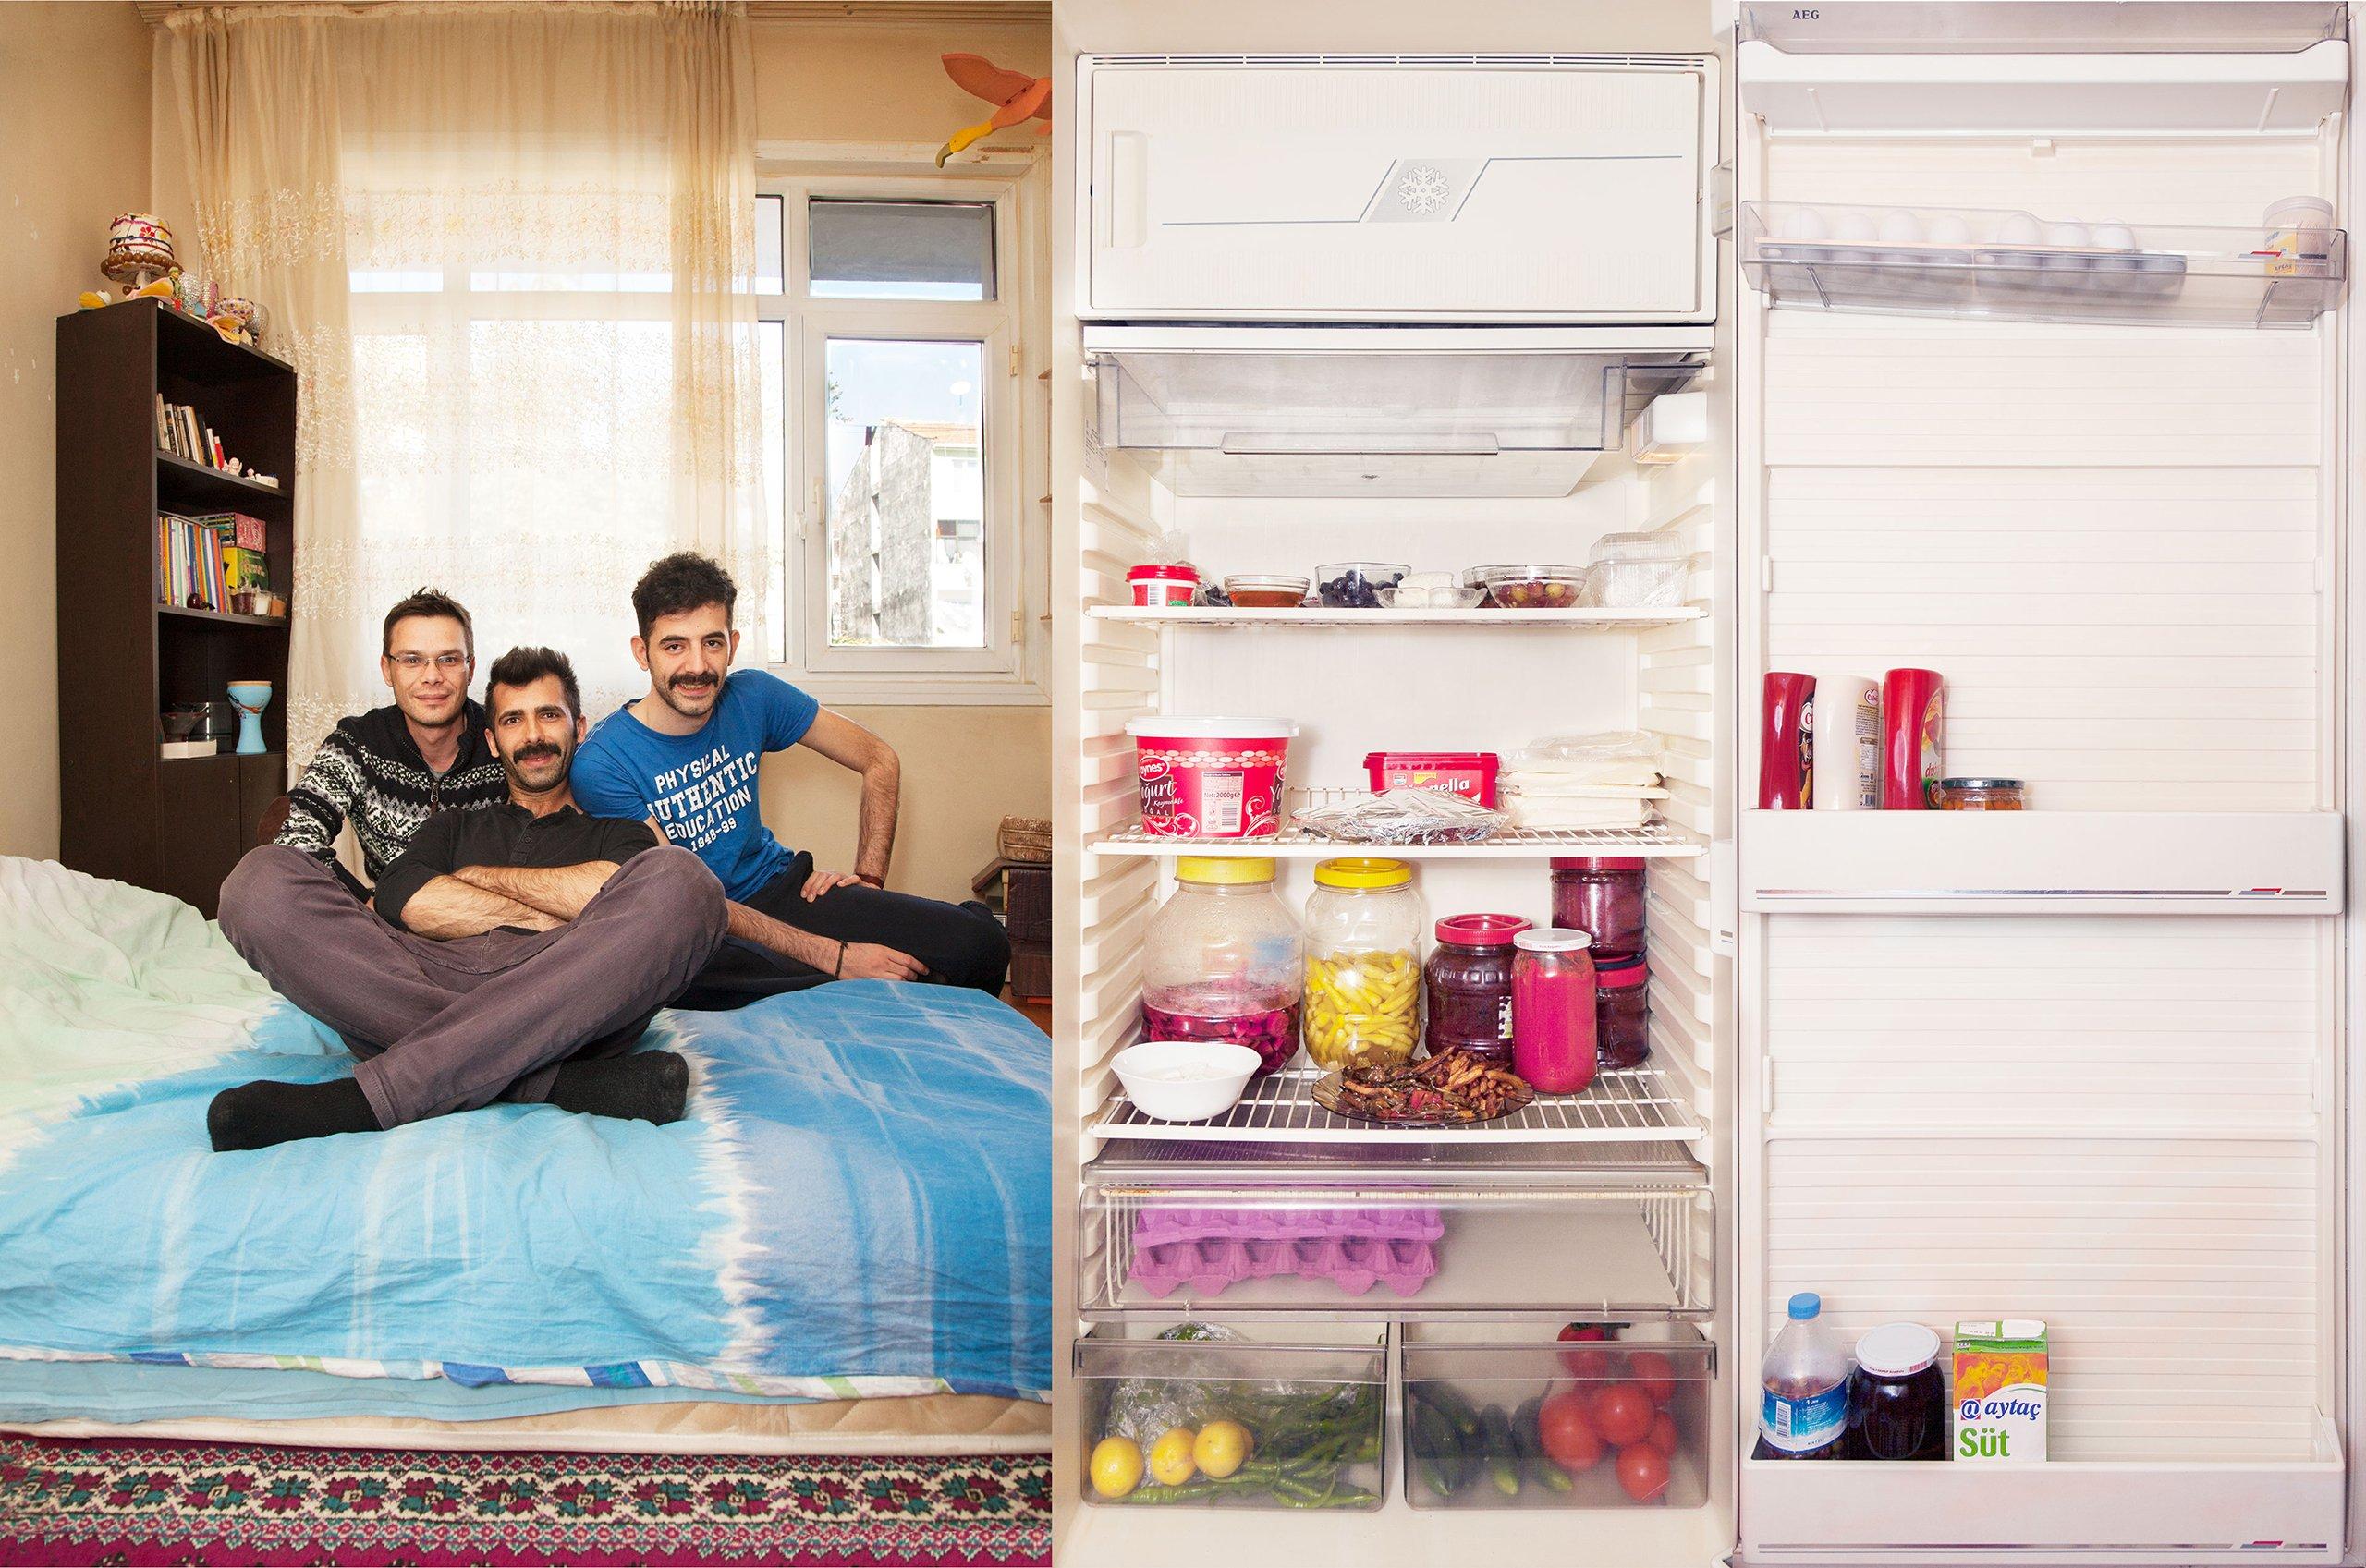 2018-01-22_5a6601f487c5c_5-fridges-istanbul